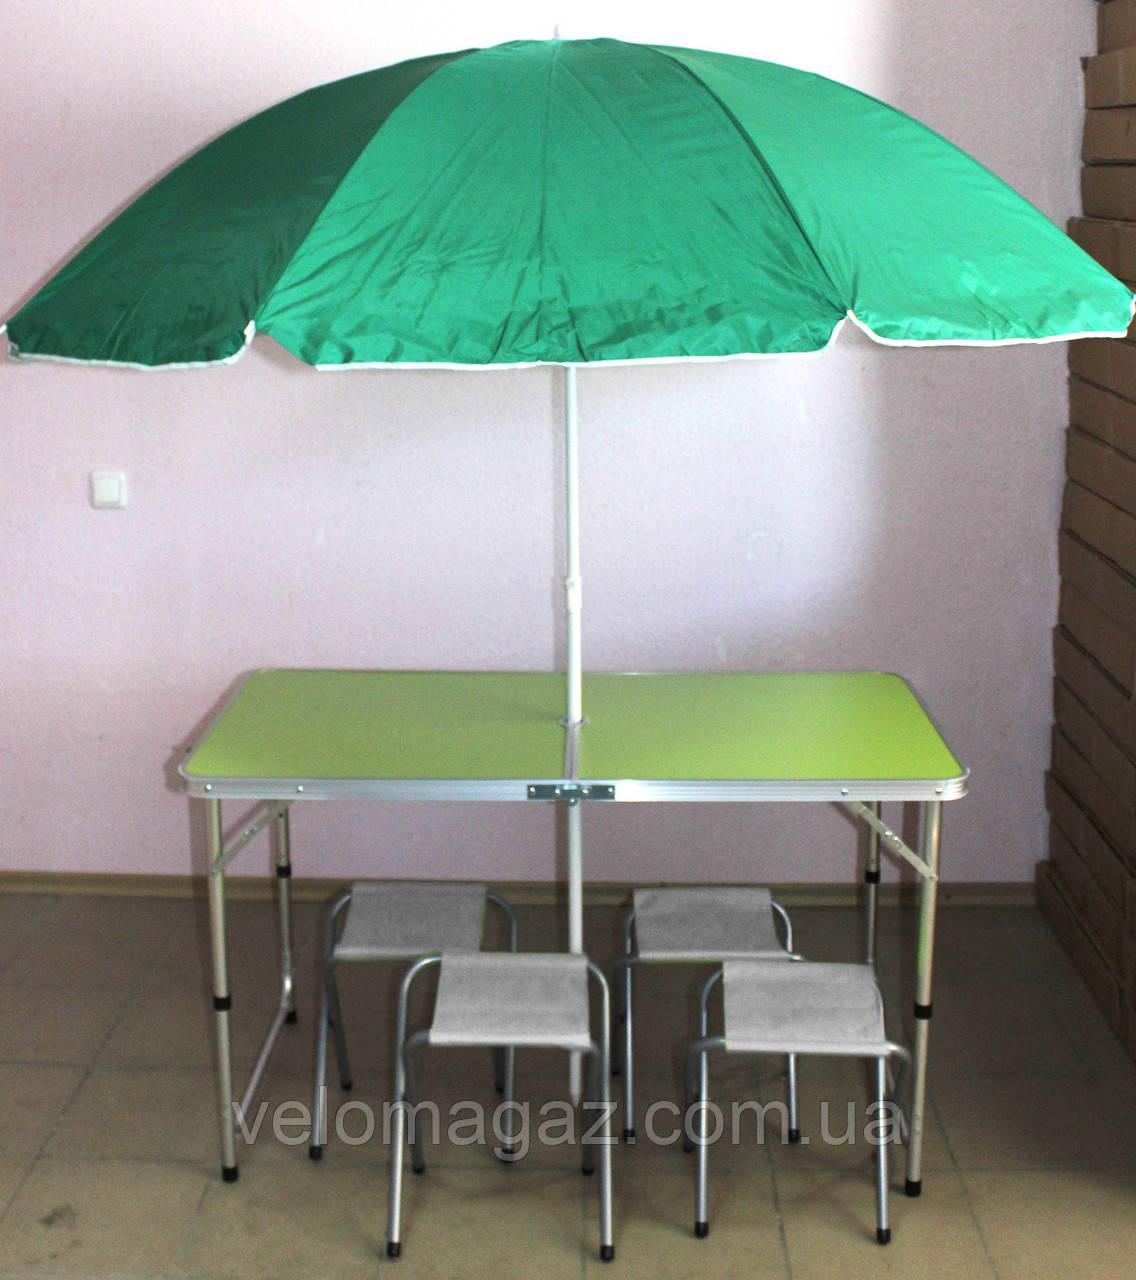 Зручний розкладний салатовий стіл для пікніка та 4 стільця (сірого кольору) + парасолька 1,6 м у ПОДАРУНОК!